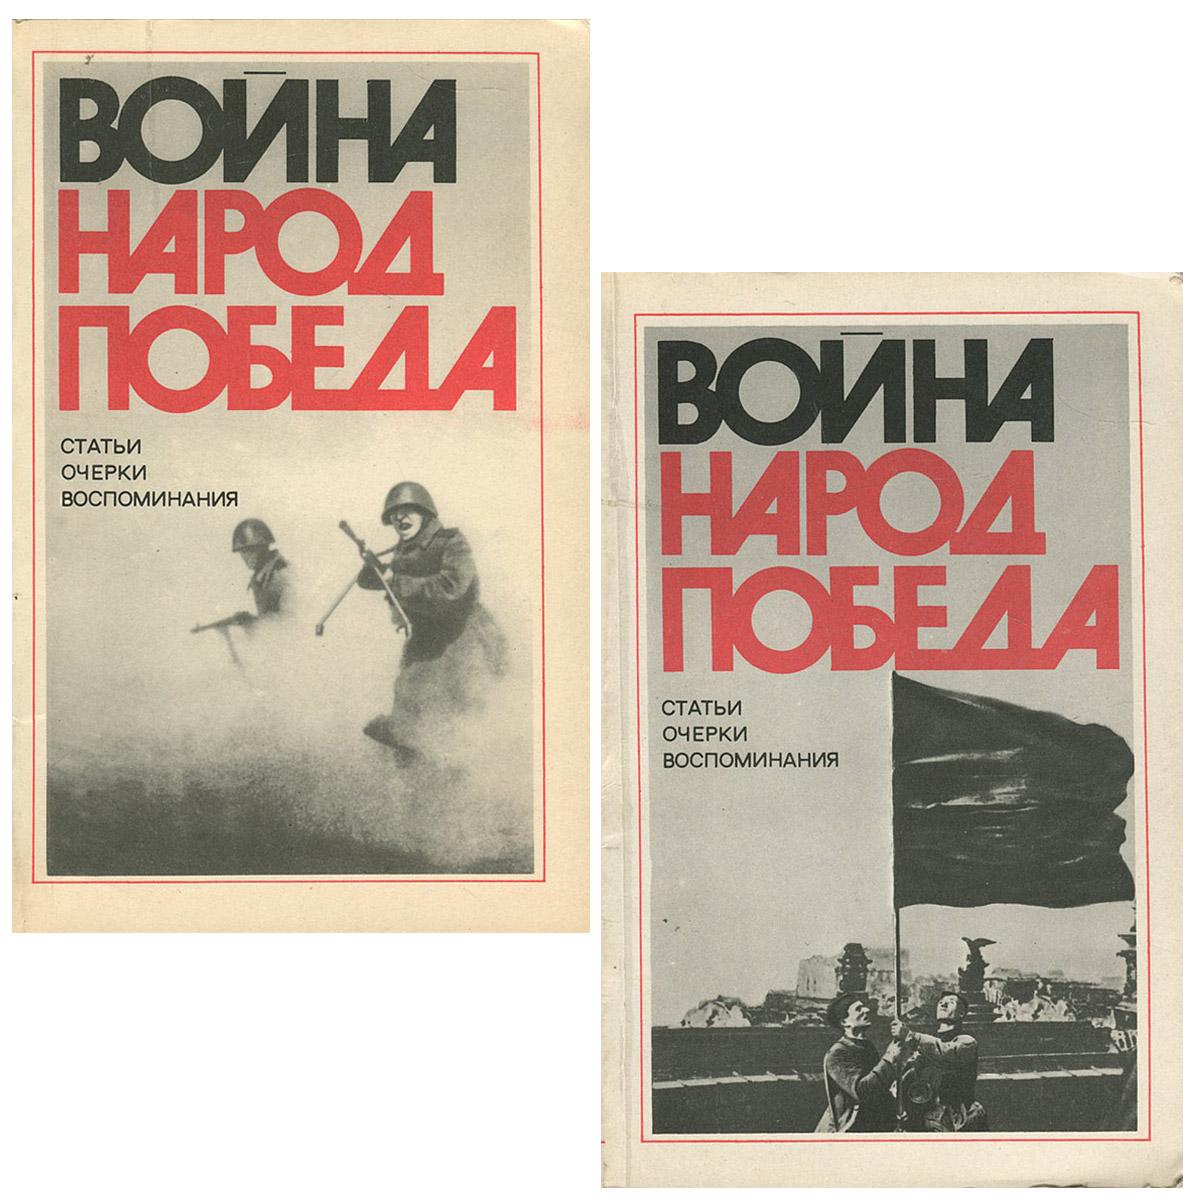 Война. Народ. Победа. 1941 - 1945 (комплект из 2 книг) советское градостроительство 1917 1941 в двух книгах комплект из 2 книг